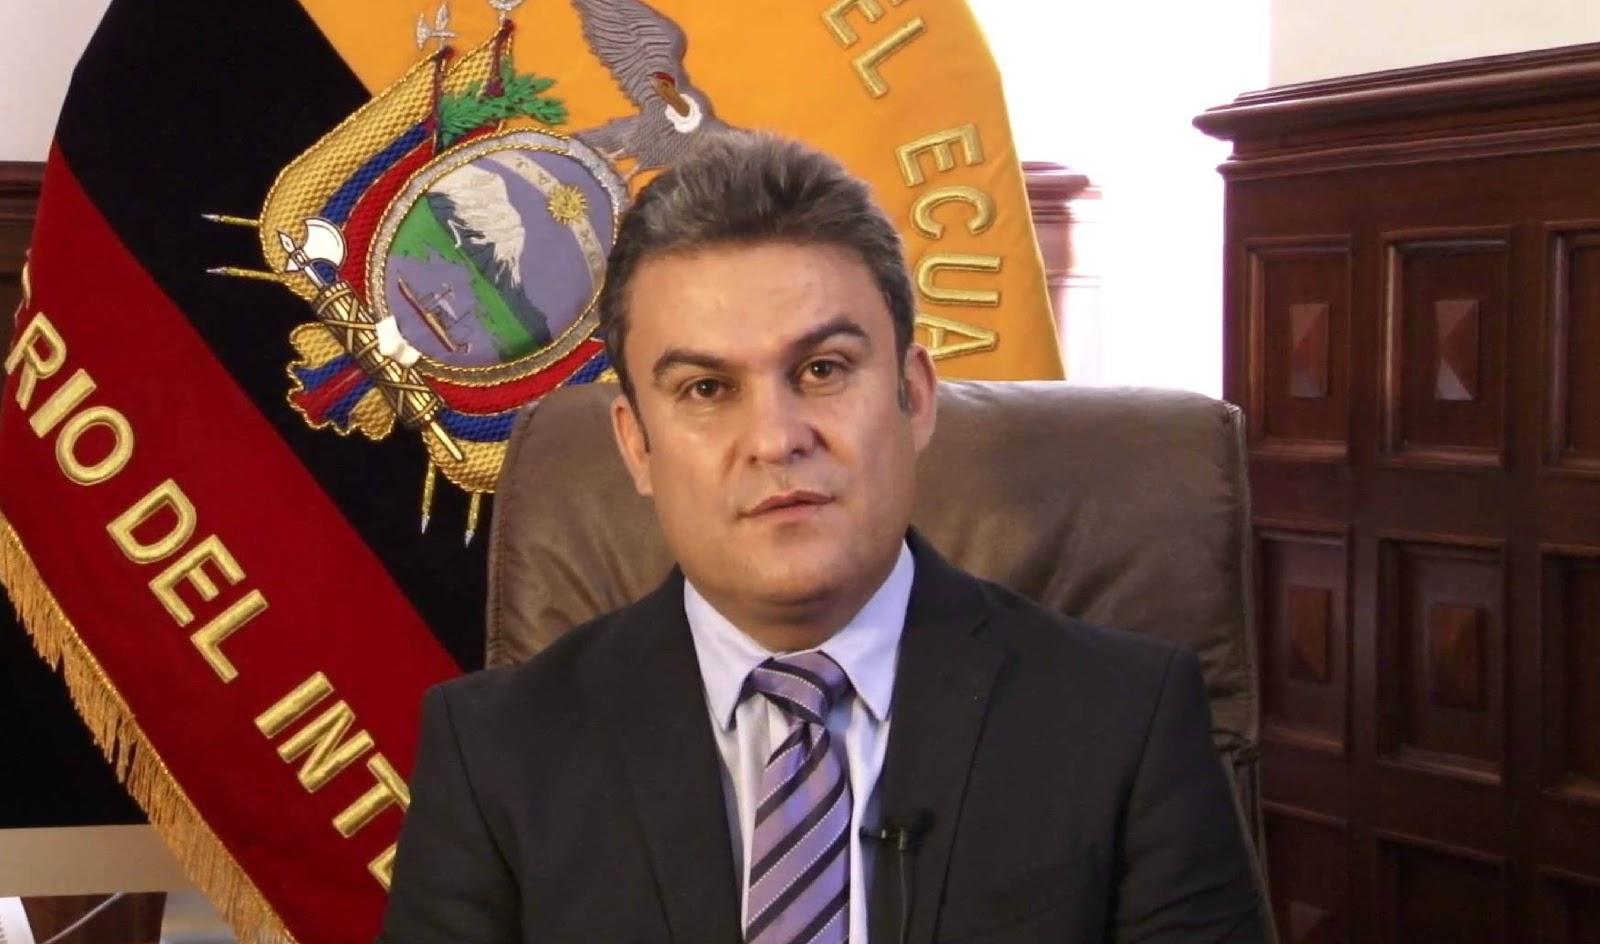 Ministro do interior do equador diz suspeita de ataques for Ministro d interior